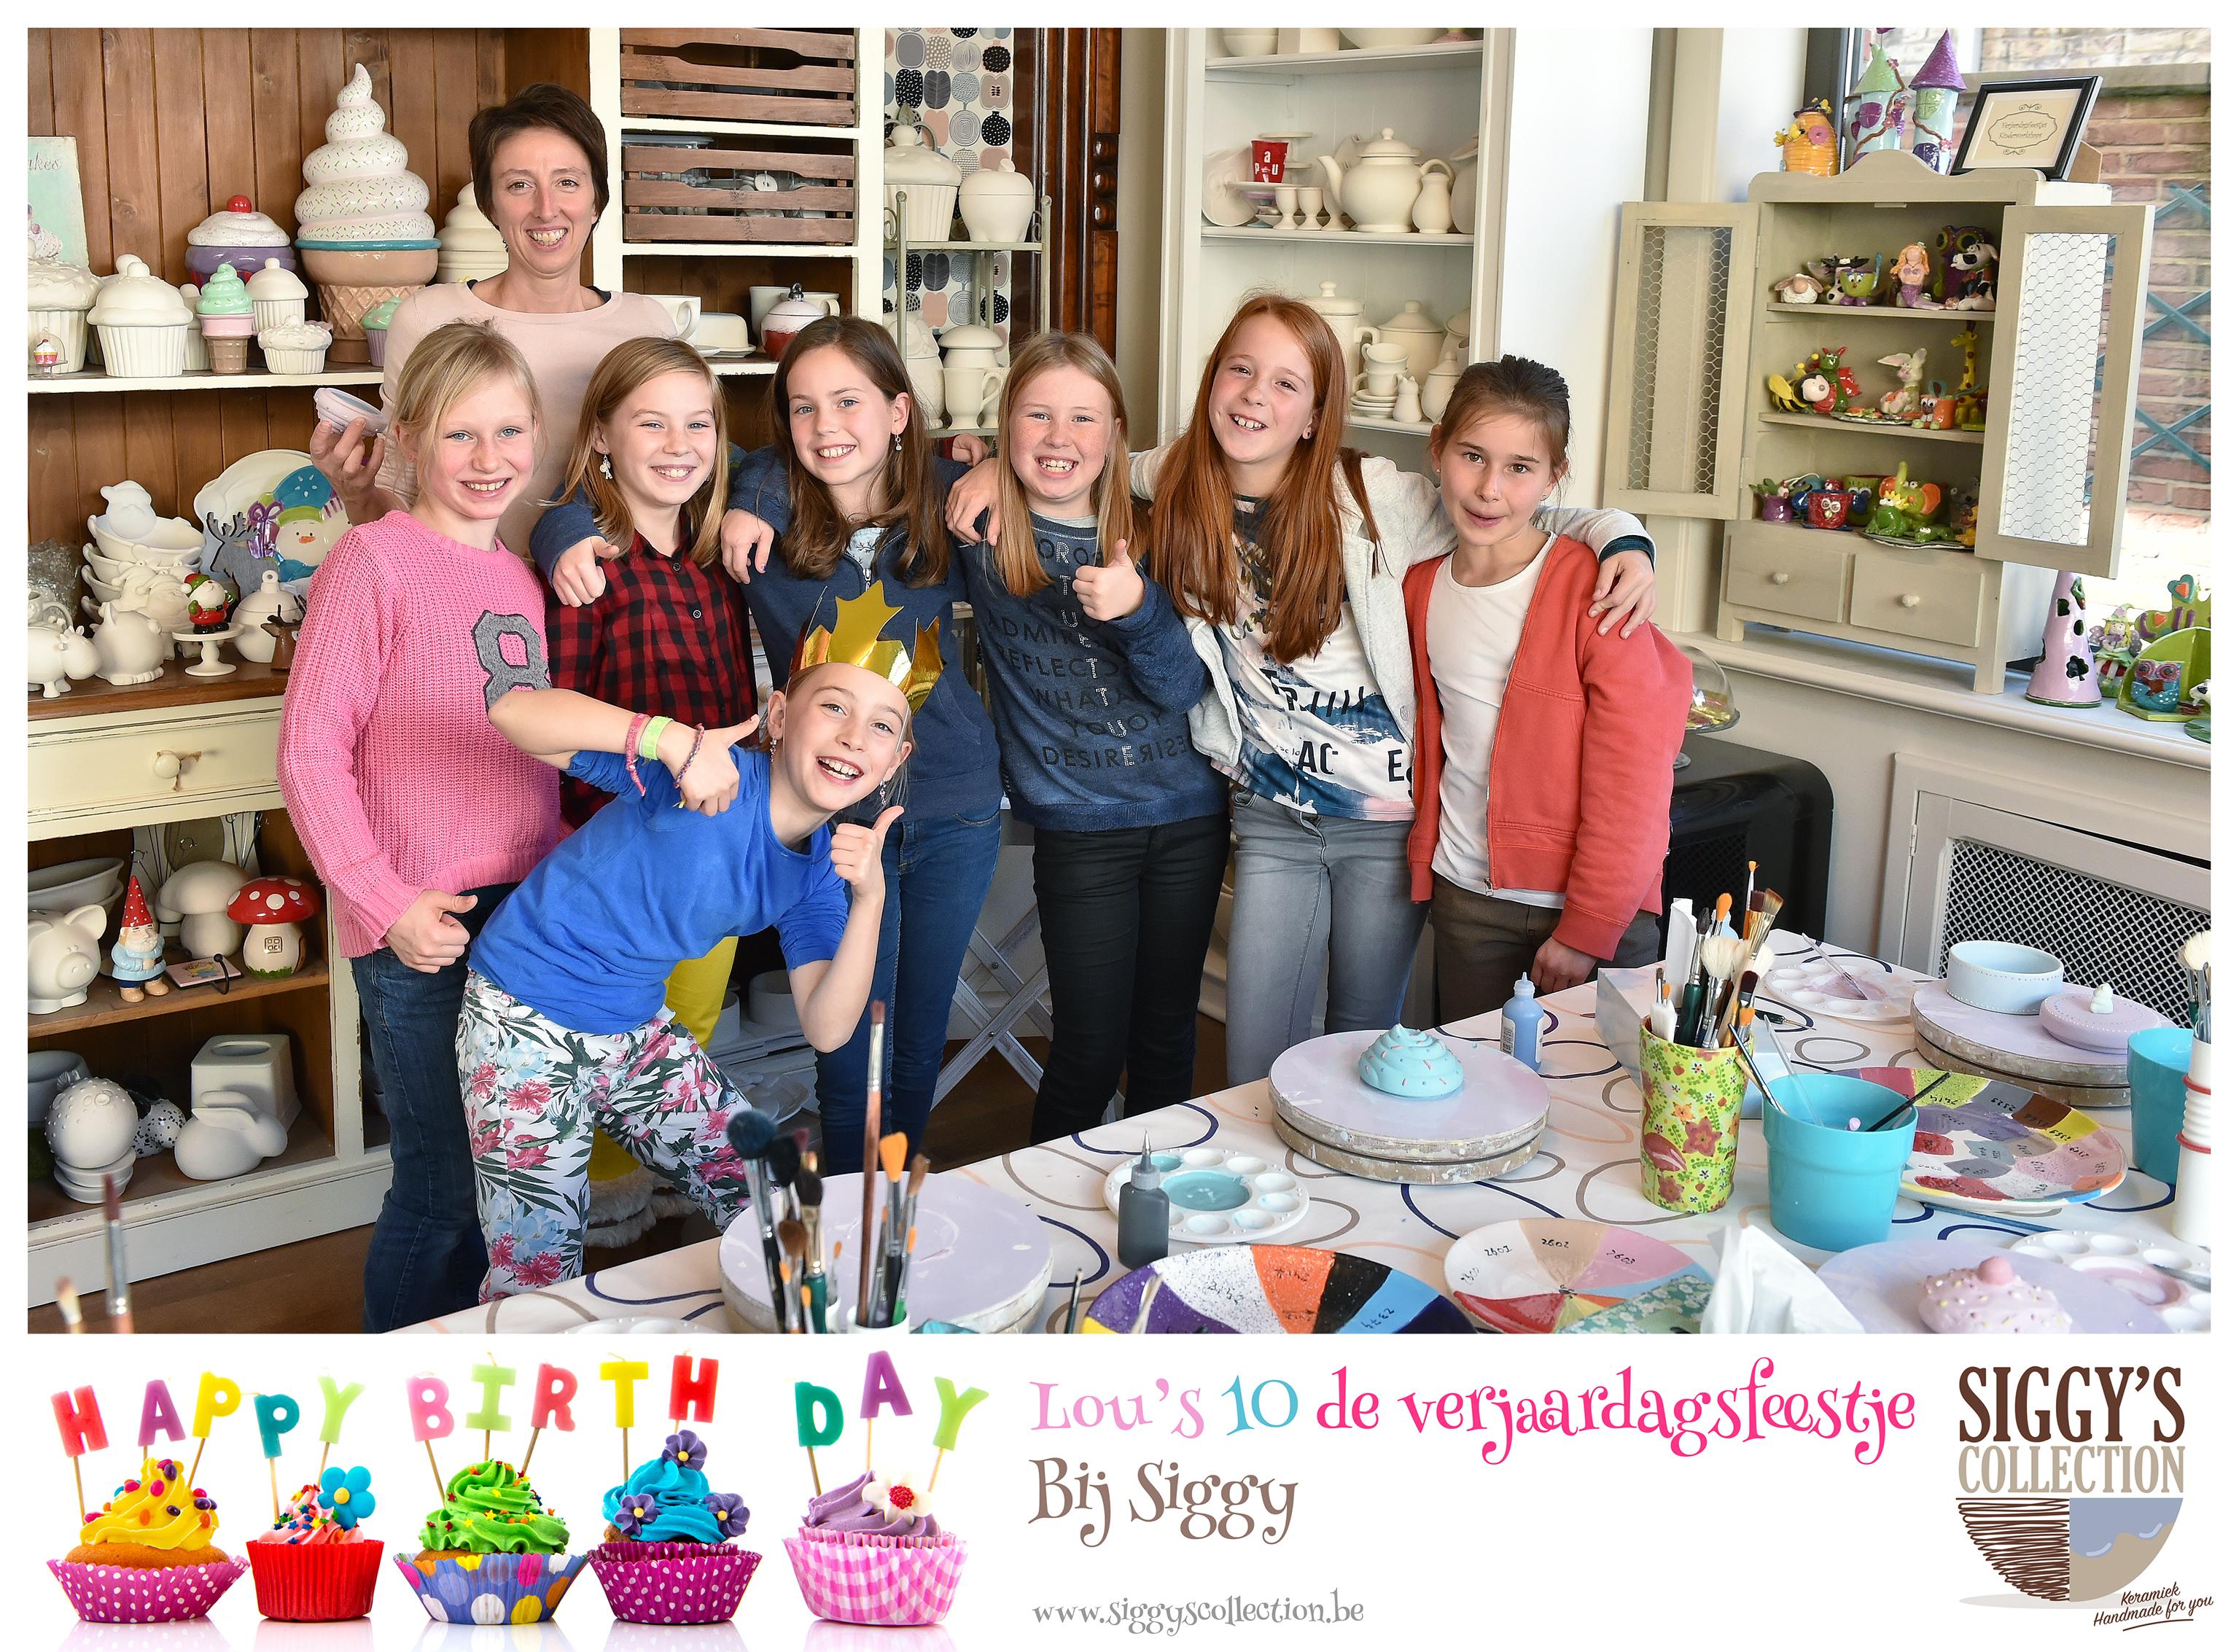 Lou verjaardagsfeestje  bij Siggy small